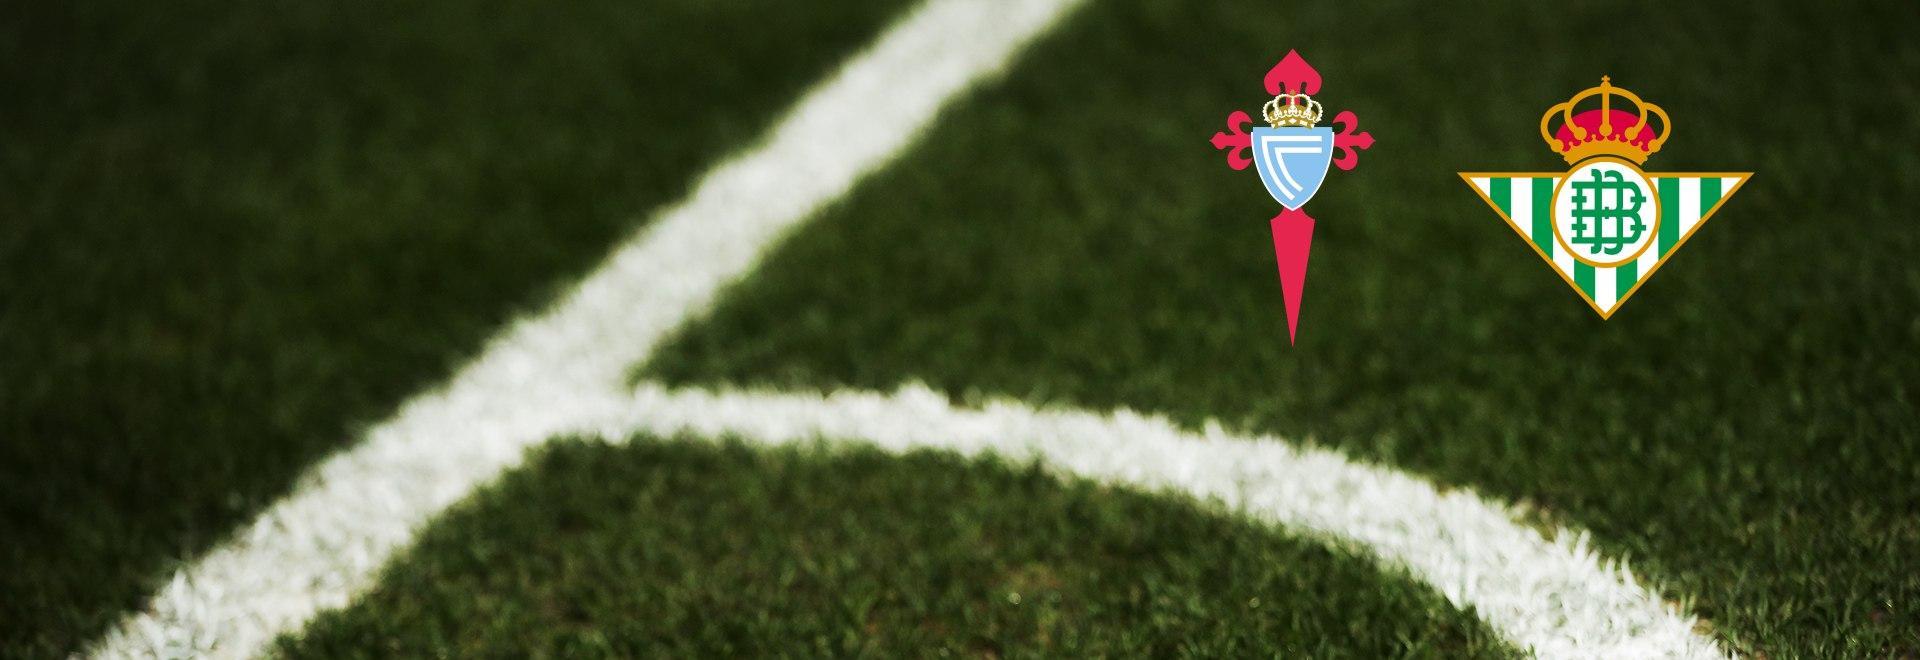 Celta de Vigo - Real Betis. 34a g.